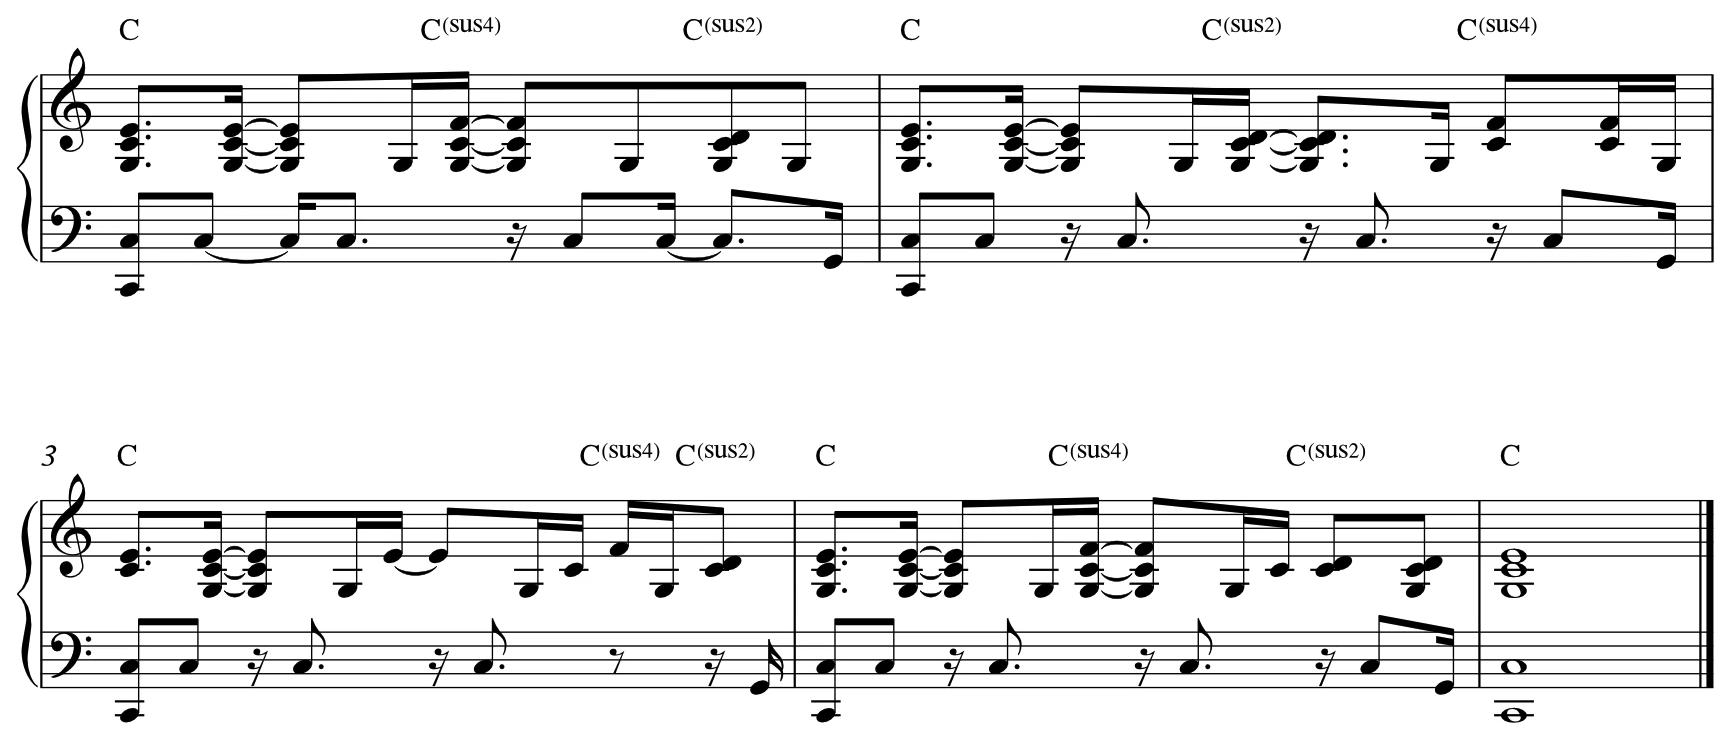 分解琶音型伴奏随便丢入一些 4 或者 2 进去